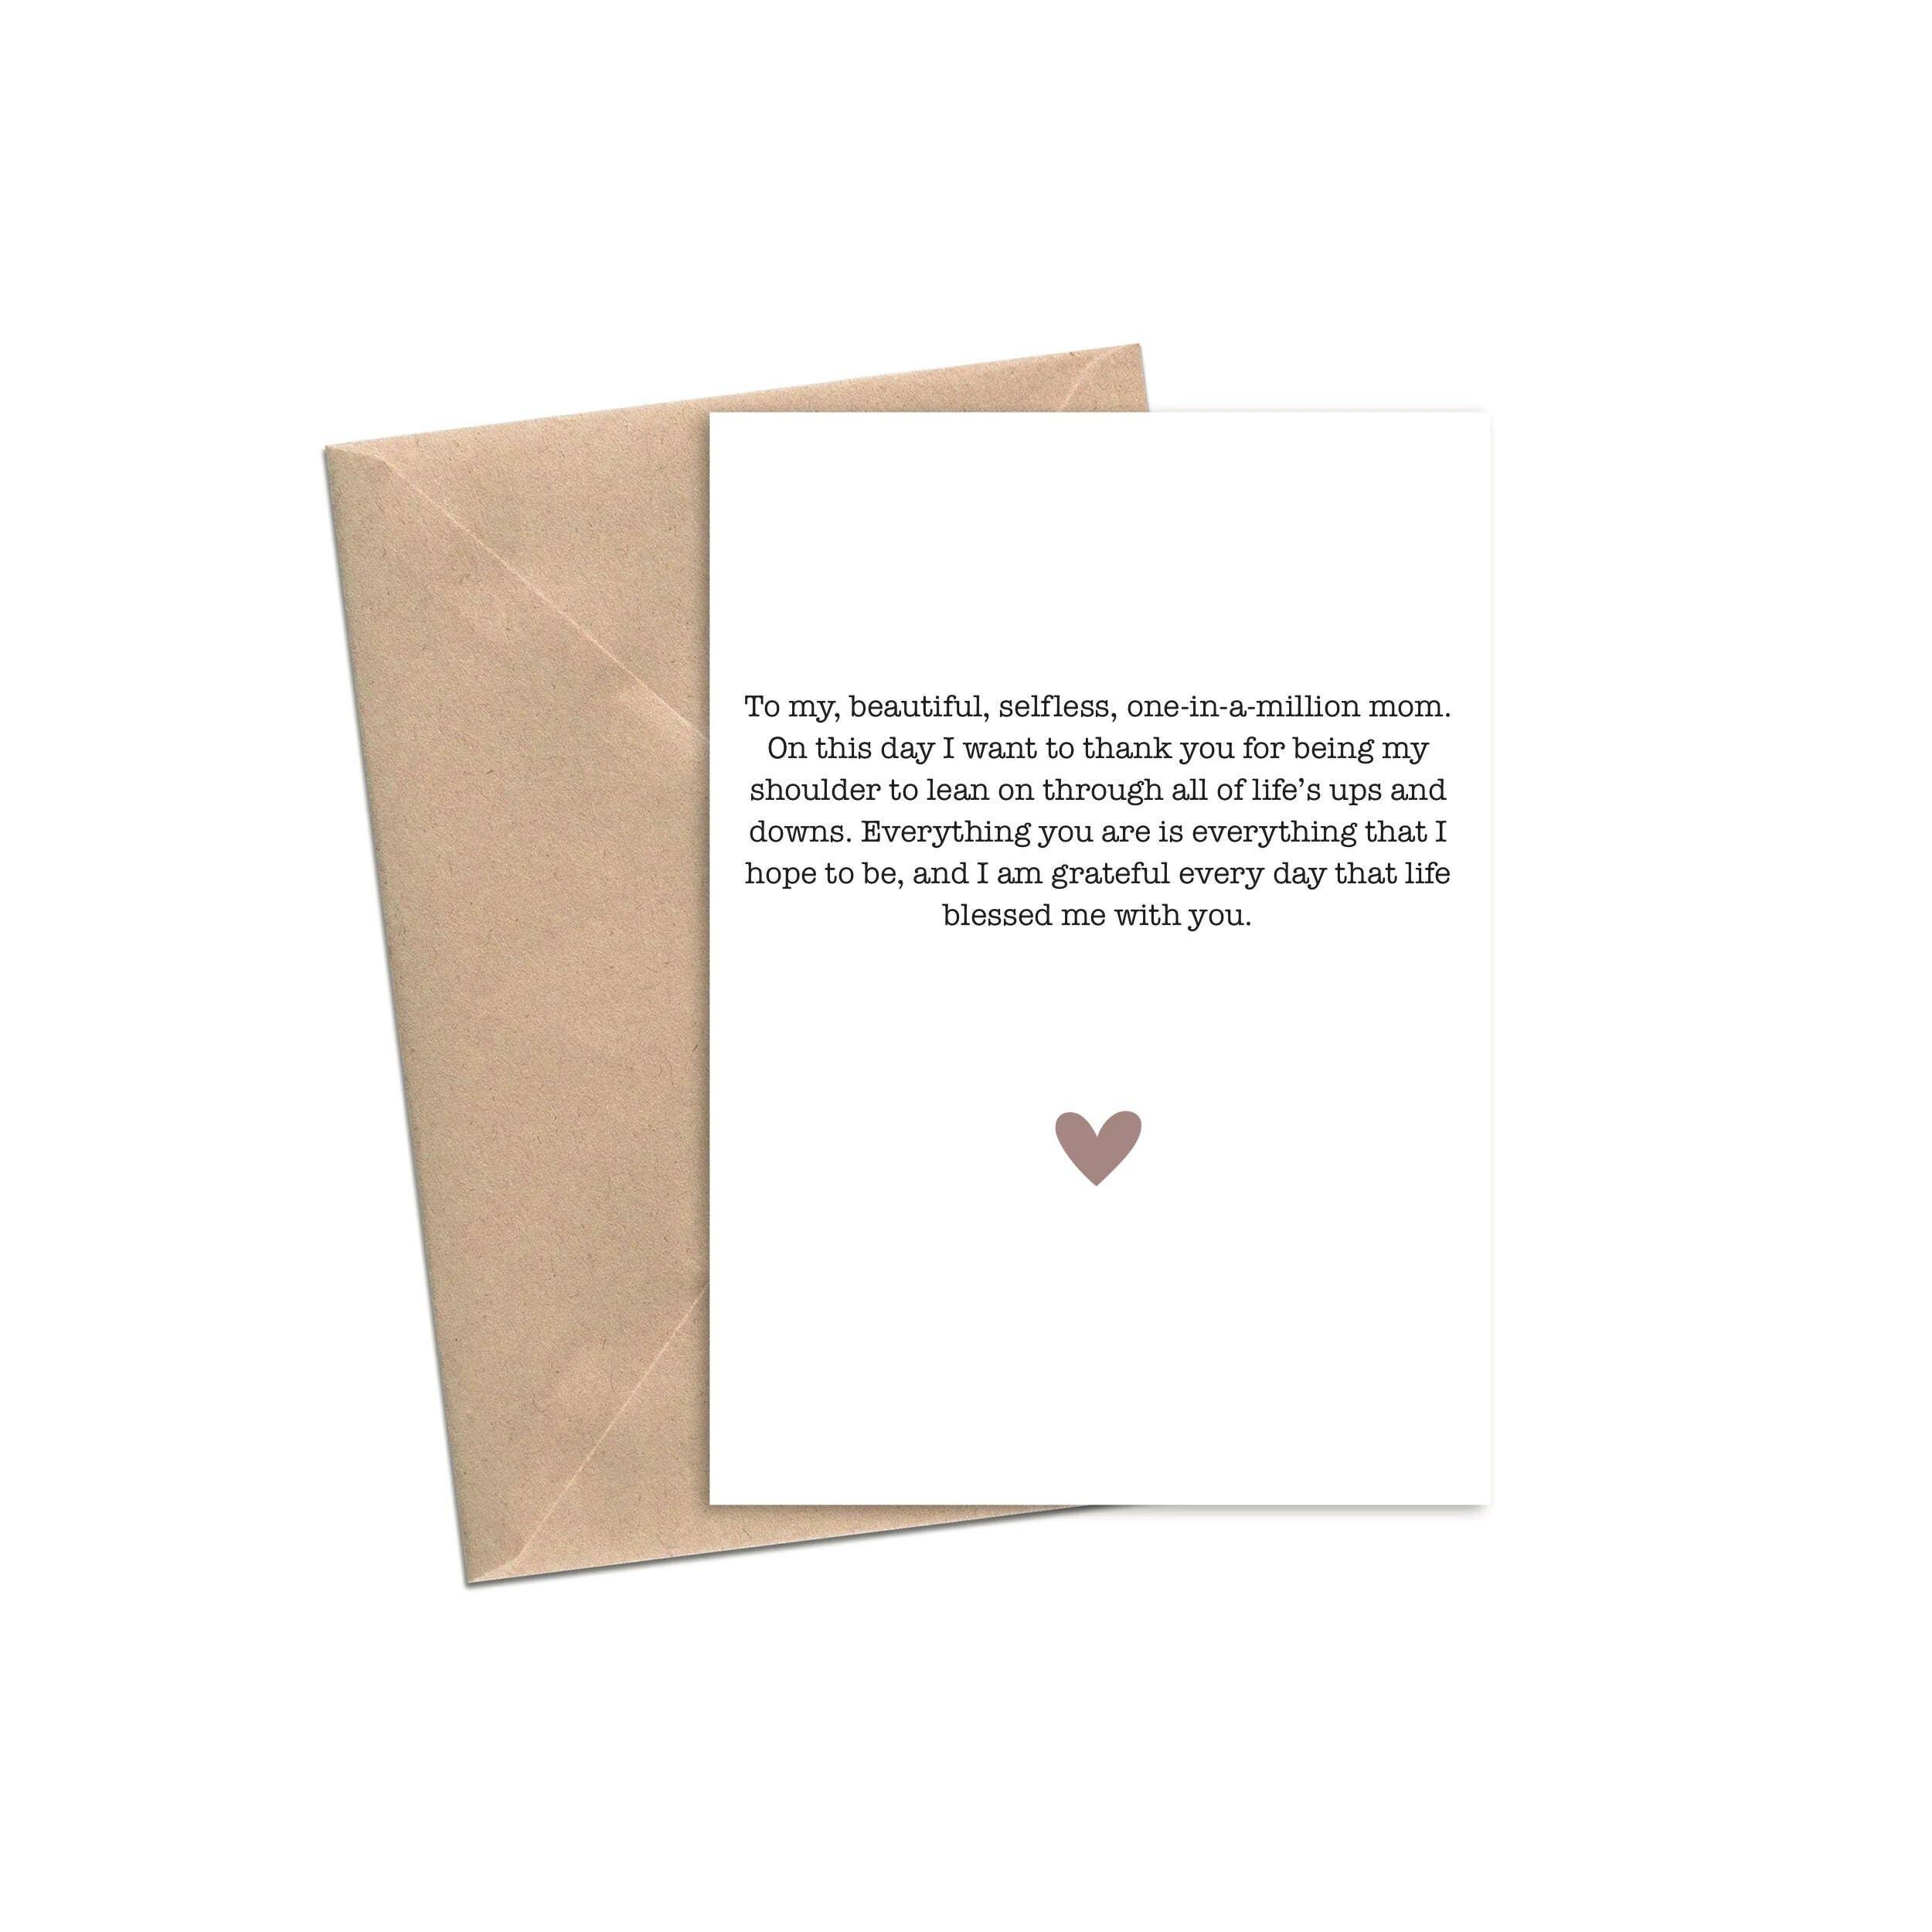 Heartfelt Note to Mom | A2 | Trada Marketplace